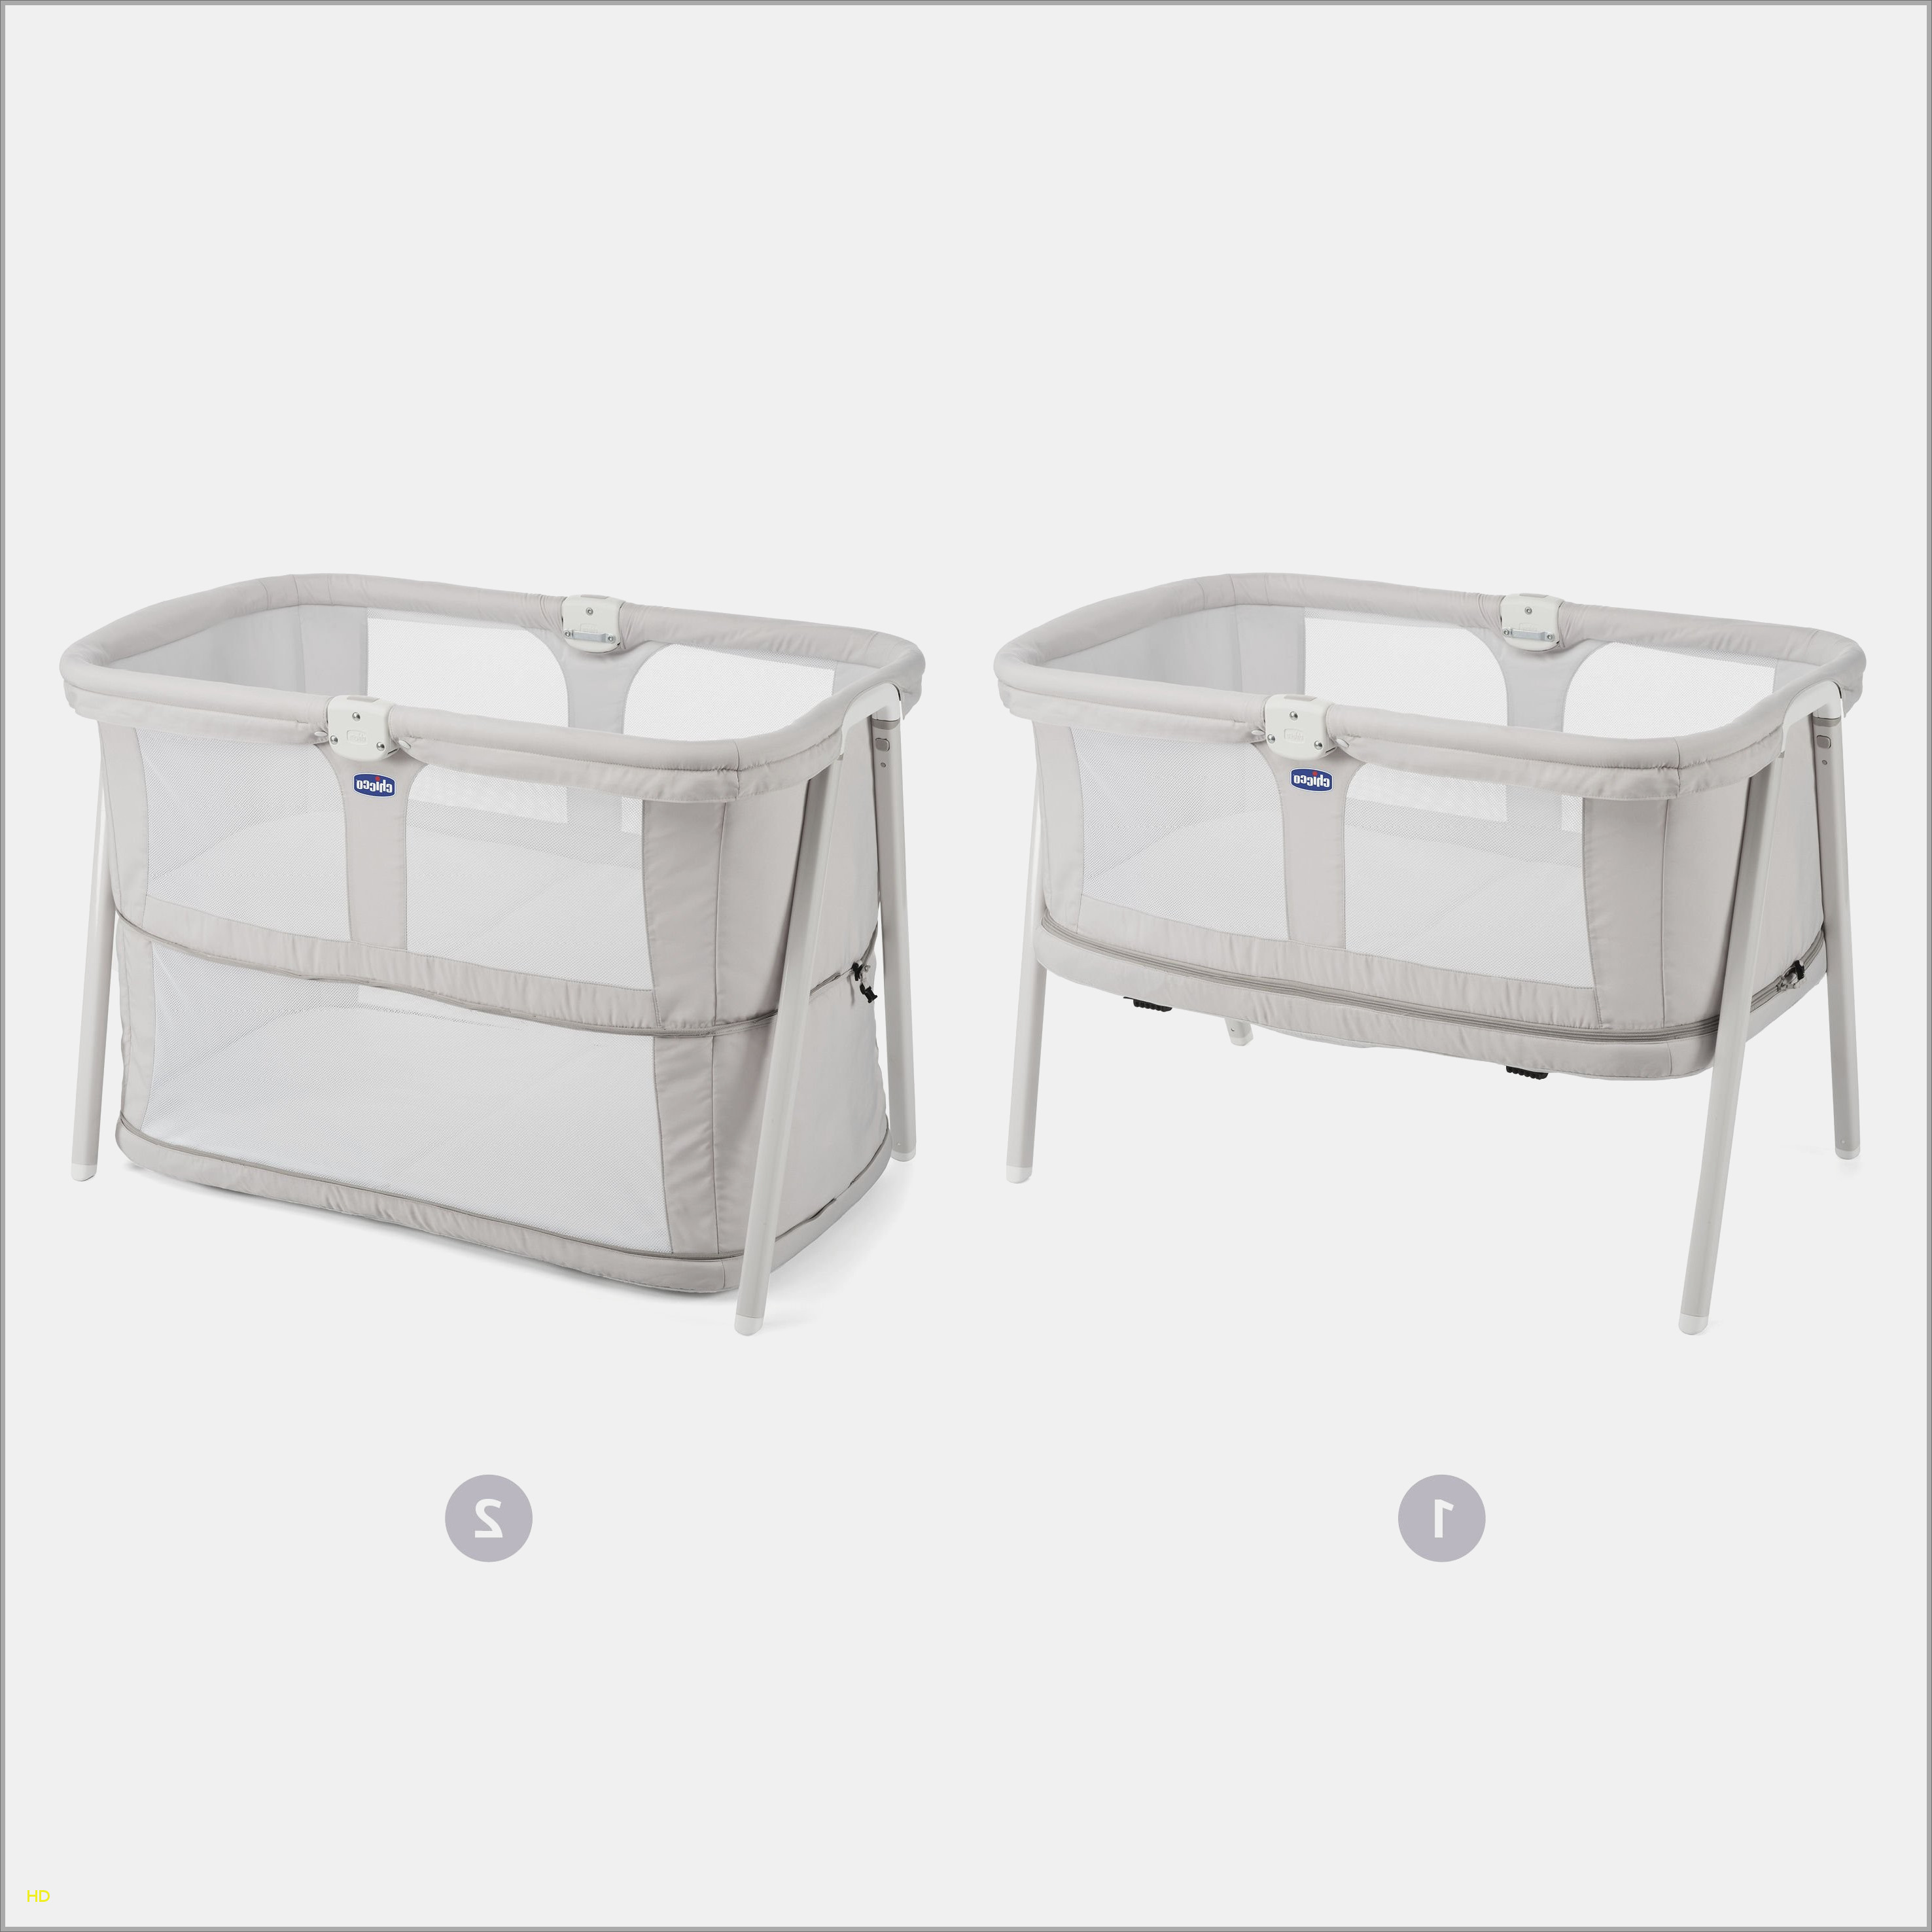 salon de jardin gonflable pas cher abri de jardin et. Black Bedroom Furniture Sets. Home Design Ideas